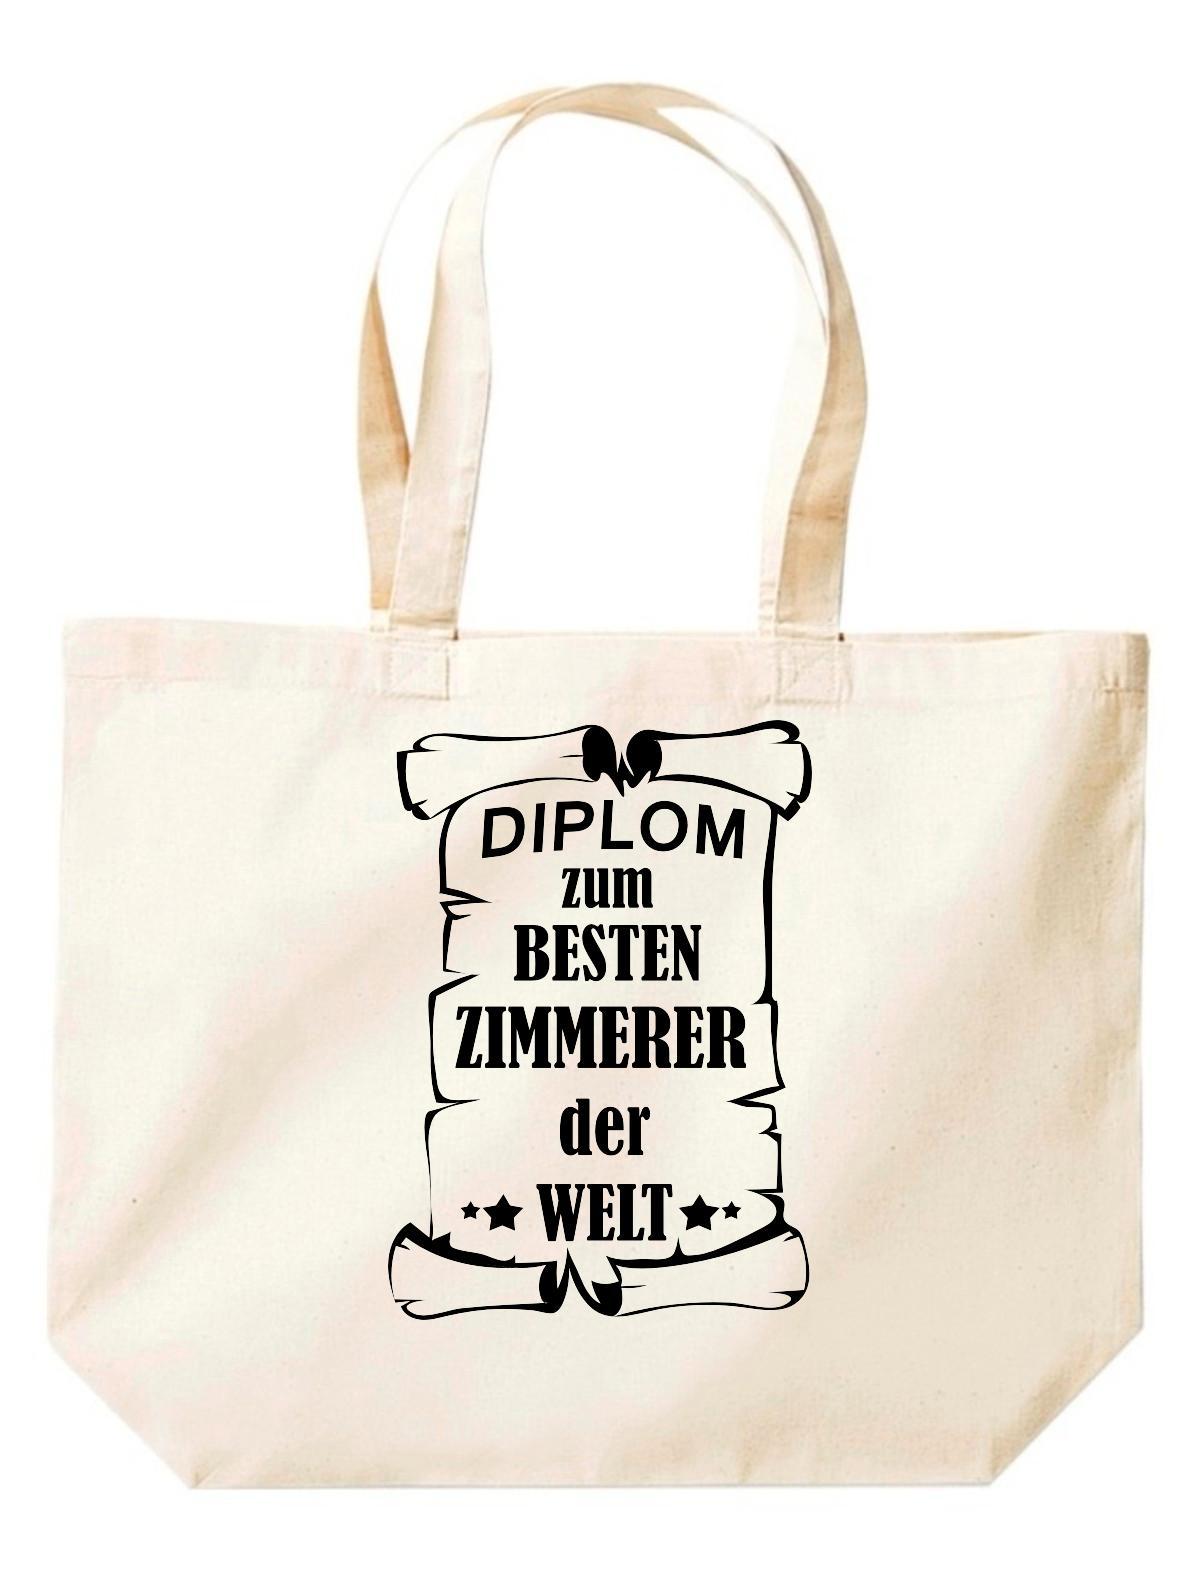 große Einkaufstasche, Diplom zum besten Zimmerer der Welt,